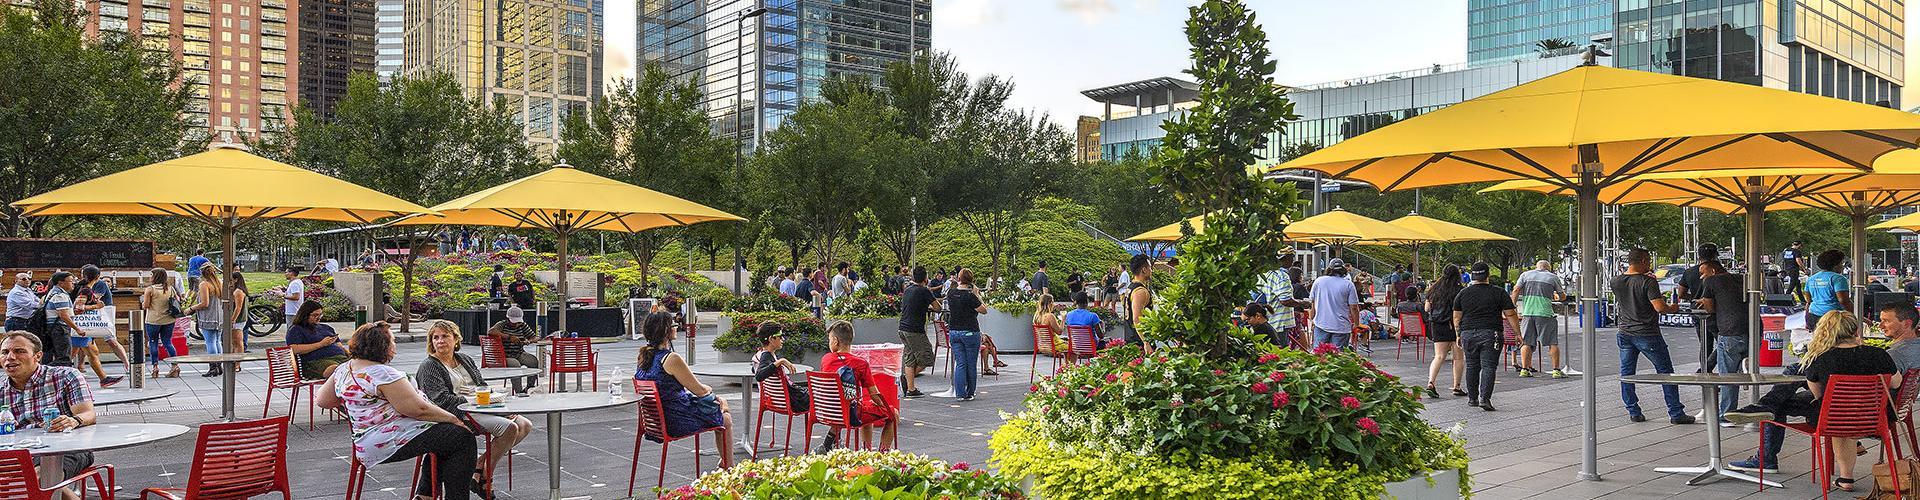 Avenida Houston day